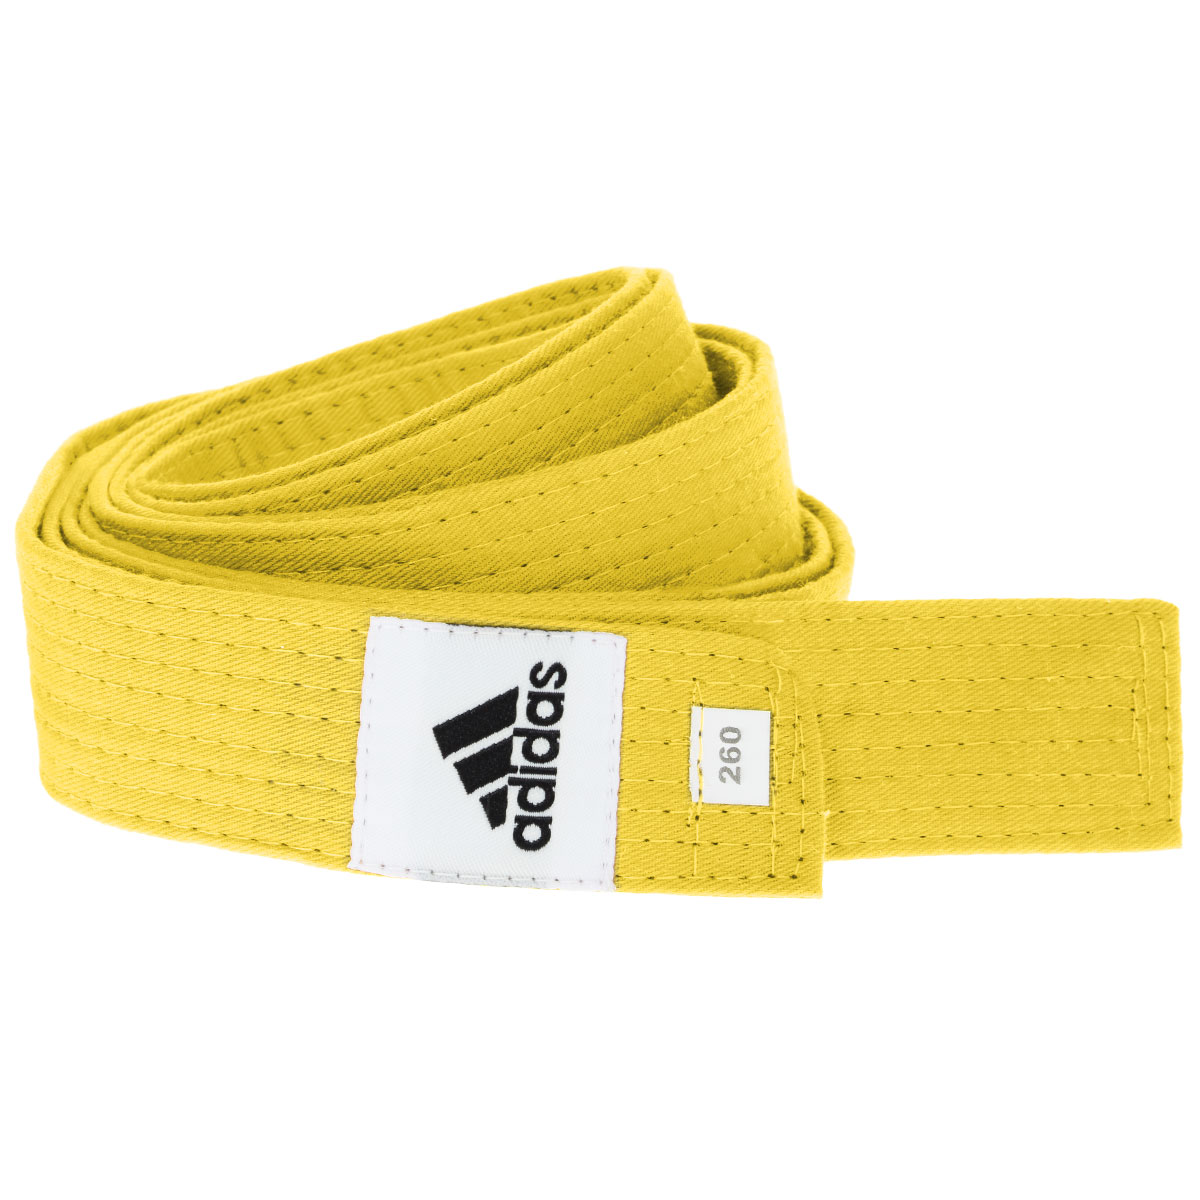 Пояс для единоборств adidas Club, цвет: желтый. adiB220. Длина 280 смadiB220Пояс для единоборств adidas Club - универсальный пояс для кимоно. Пояс выполнен из плотного хлопкового материала с прострочкой.Такой пояс - необходимый аксессуар для тех, кто занимается боевыми искусствами.